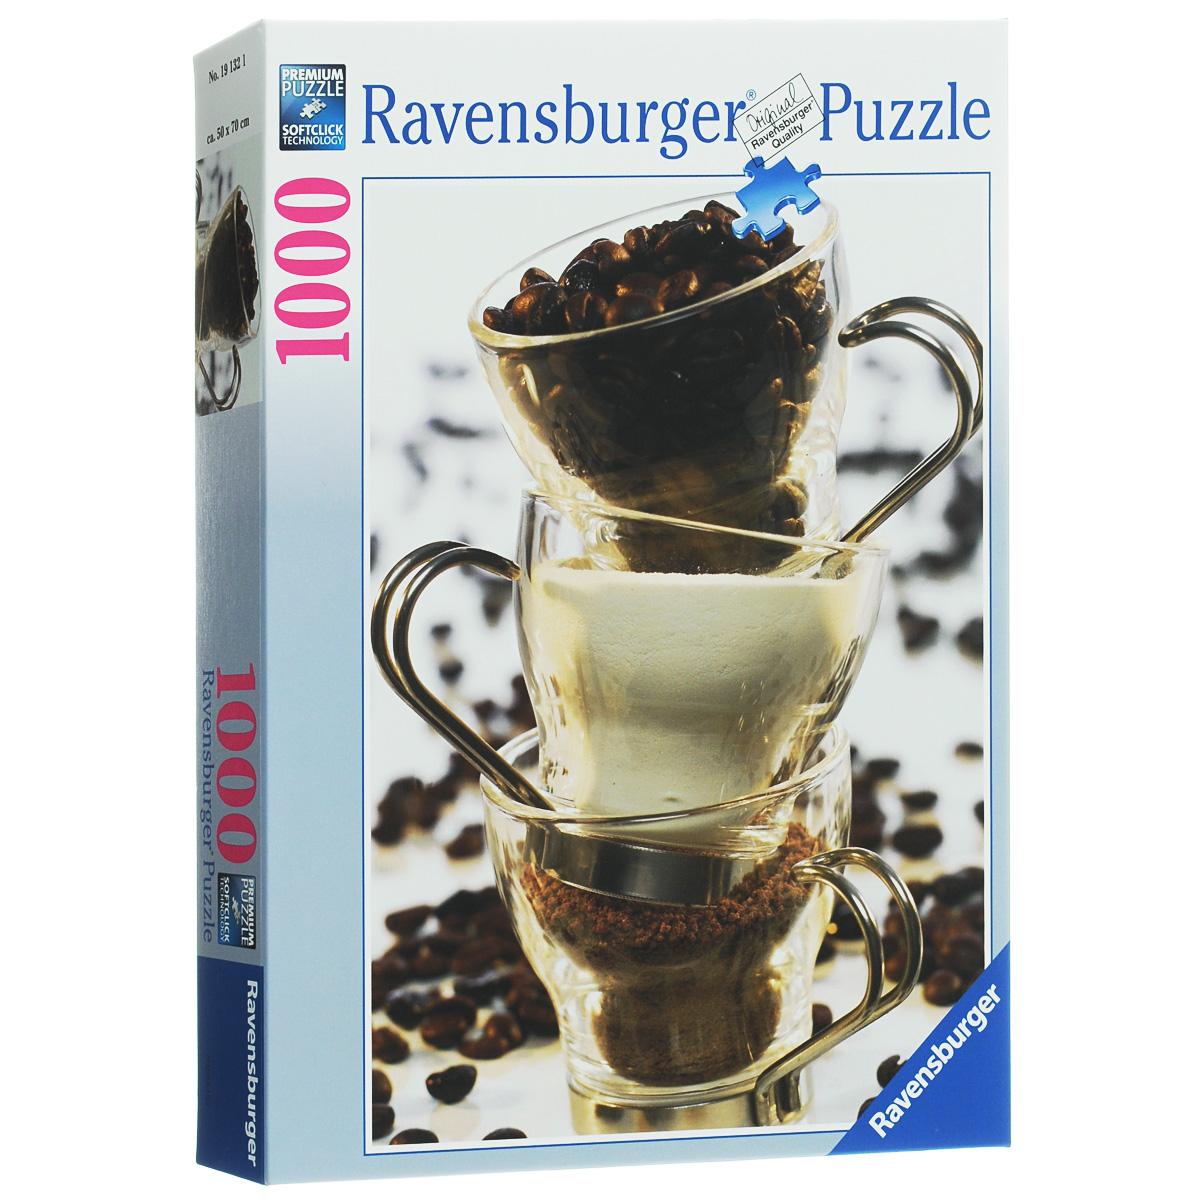 Ravensburger Кофе. Пазл, 1000 элементов19132Пазл Ravensburger Кофе, без сомнения, придется по душе вам и вашему ребенку. Собрав этот пазл, включающий в себя 1000 элементов, вы получите потрясающую картину с изображением трех чашек с кофе. В нижней чашке молотый кофе, во второй чашке сухие сливки, в самой верхней чашке - зерновой кофе. Все они стоят друг на друге, создавая необычную композицию. Каждая деталь имеет свою форму и подходит только на своё место. Нет двух одинаковых деталей! Пазл изготовлен из картона высочайшего качества. Все изображения аккуратно отсканированы и напечатаны на ламинированной бумаге. Пазлы - замечательная развивающая игра для детей. Собирание пазла развивает у ребенка мелкую моторику рук, тренирует наблюдательность, логическое мышление, знакомит с окружающим миром, с цветом и разнообразными формами, учит усидчивости и терпению, аккуратности и вниманию.